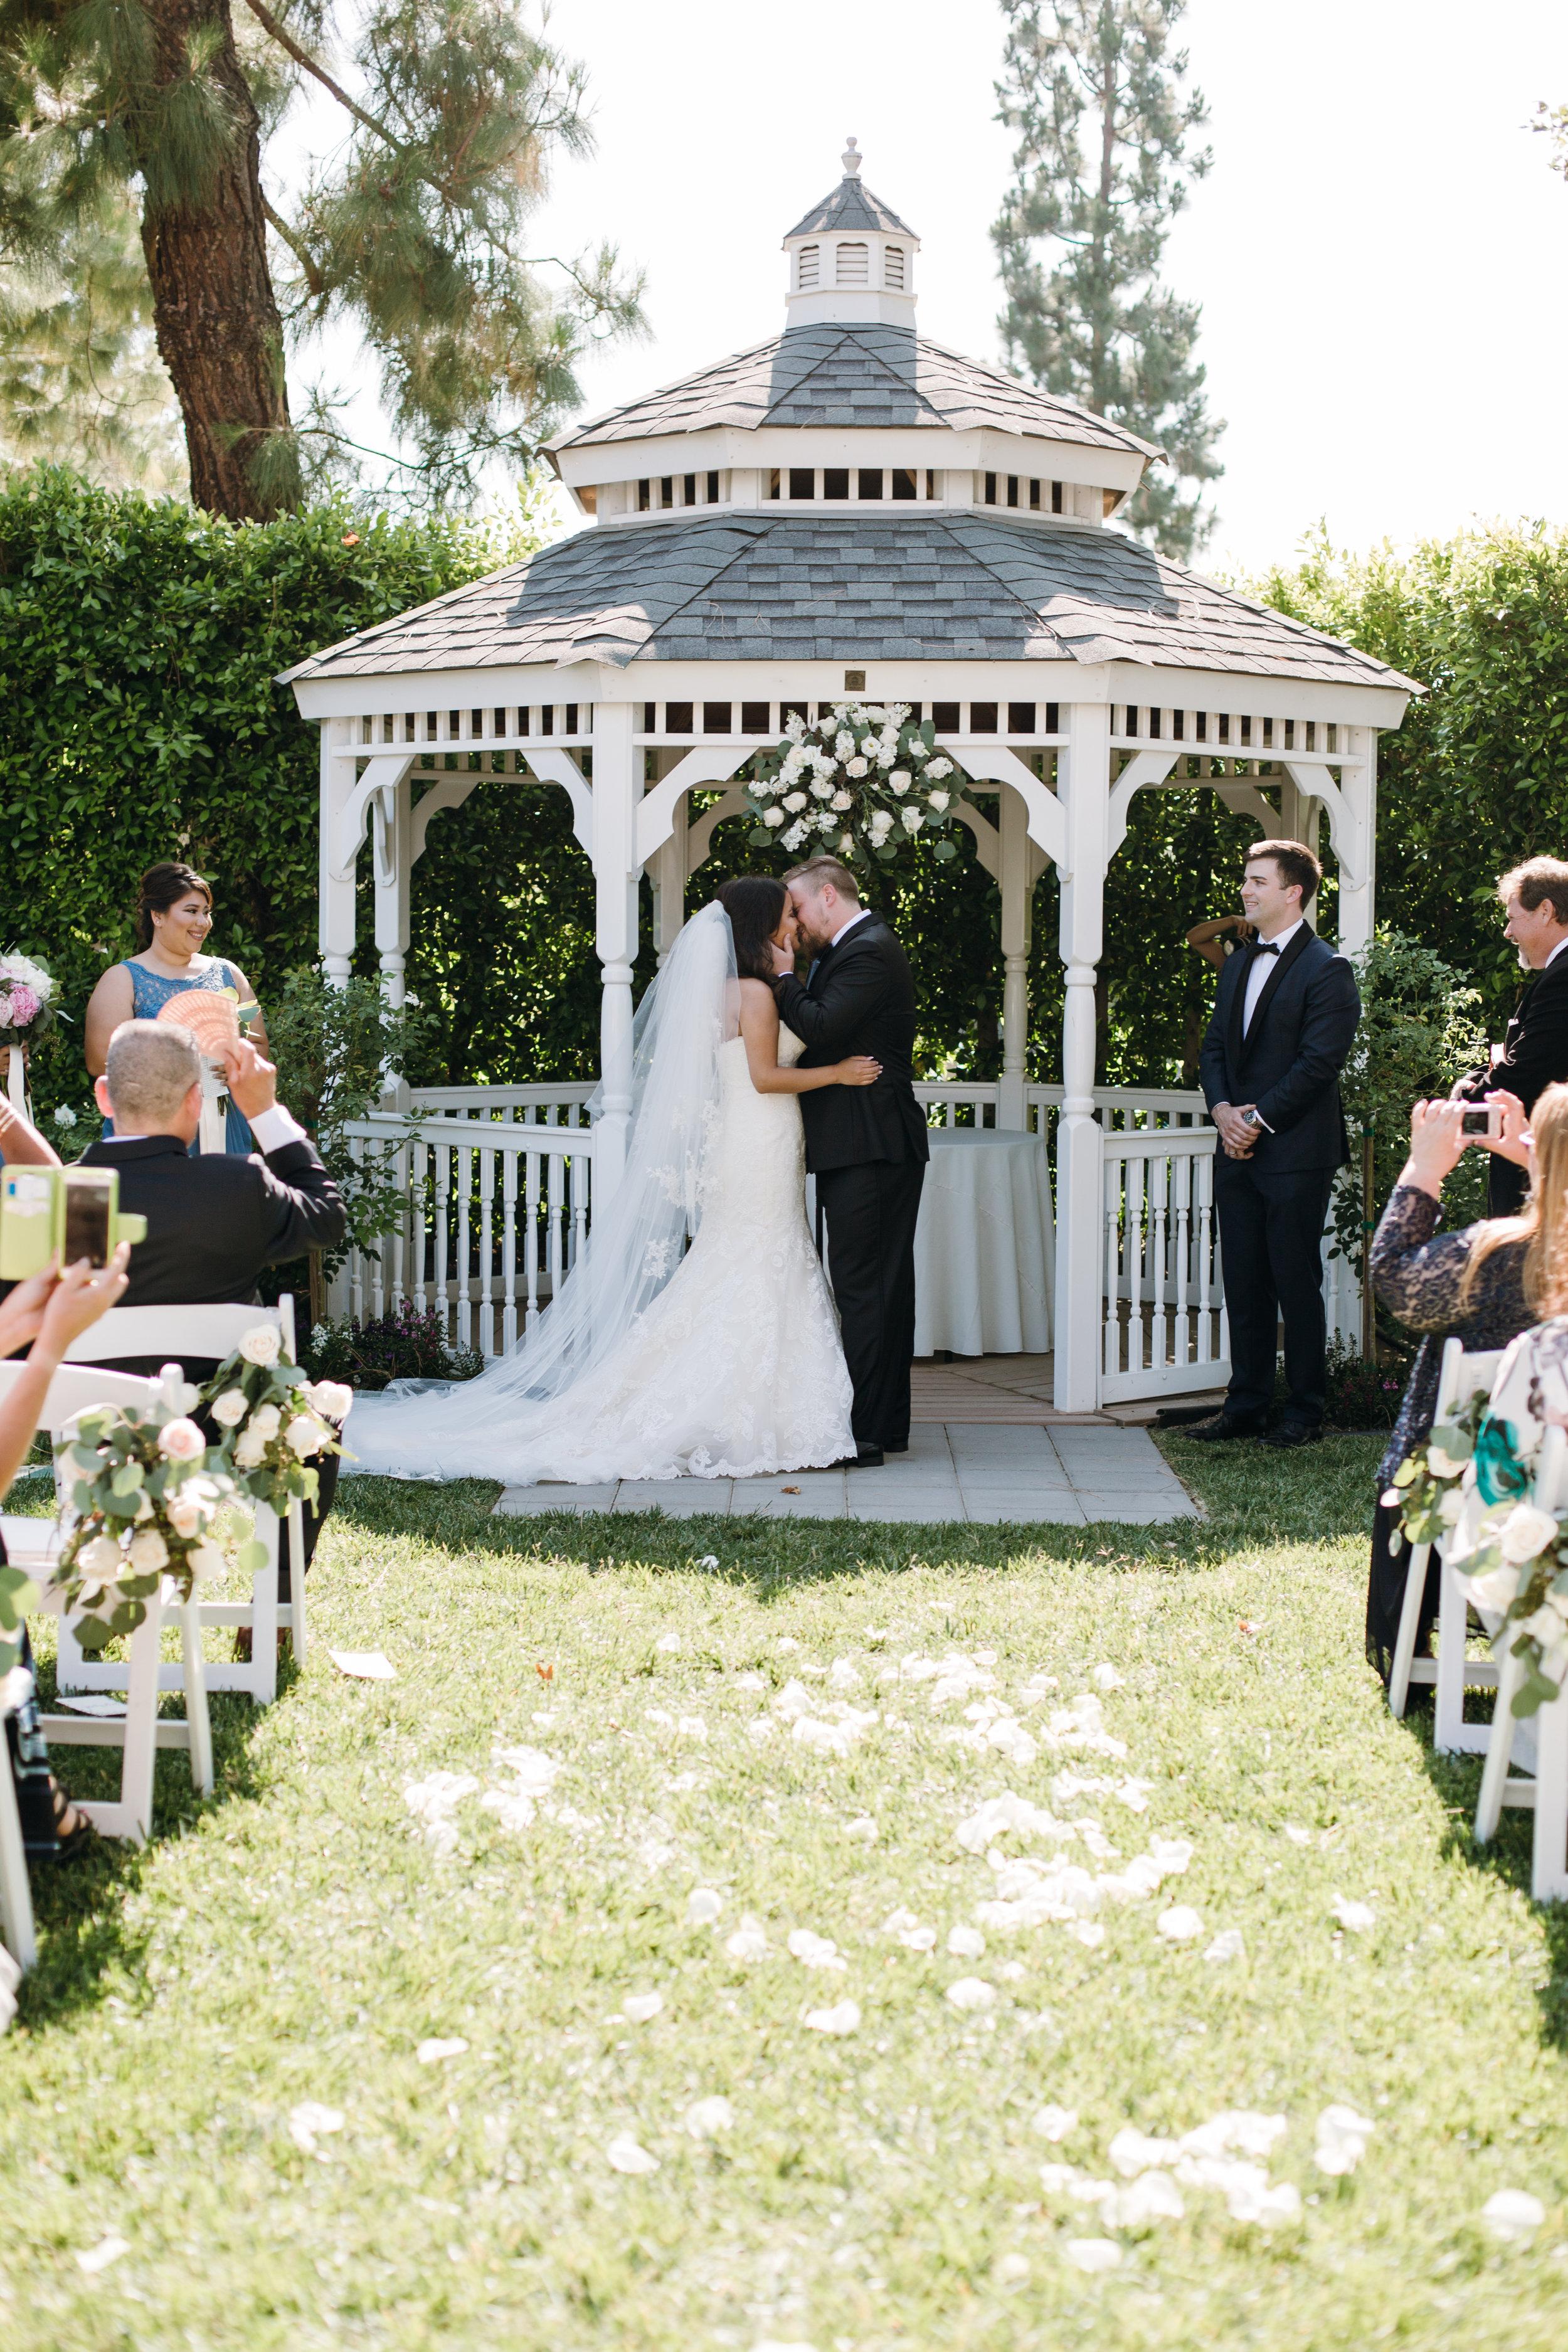 KaraNixonWeddings-SanDiego-Wedding-16.jpg